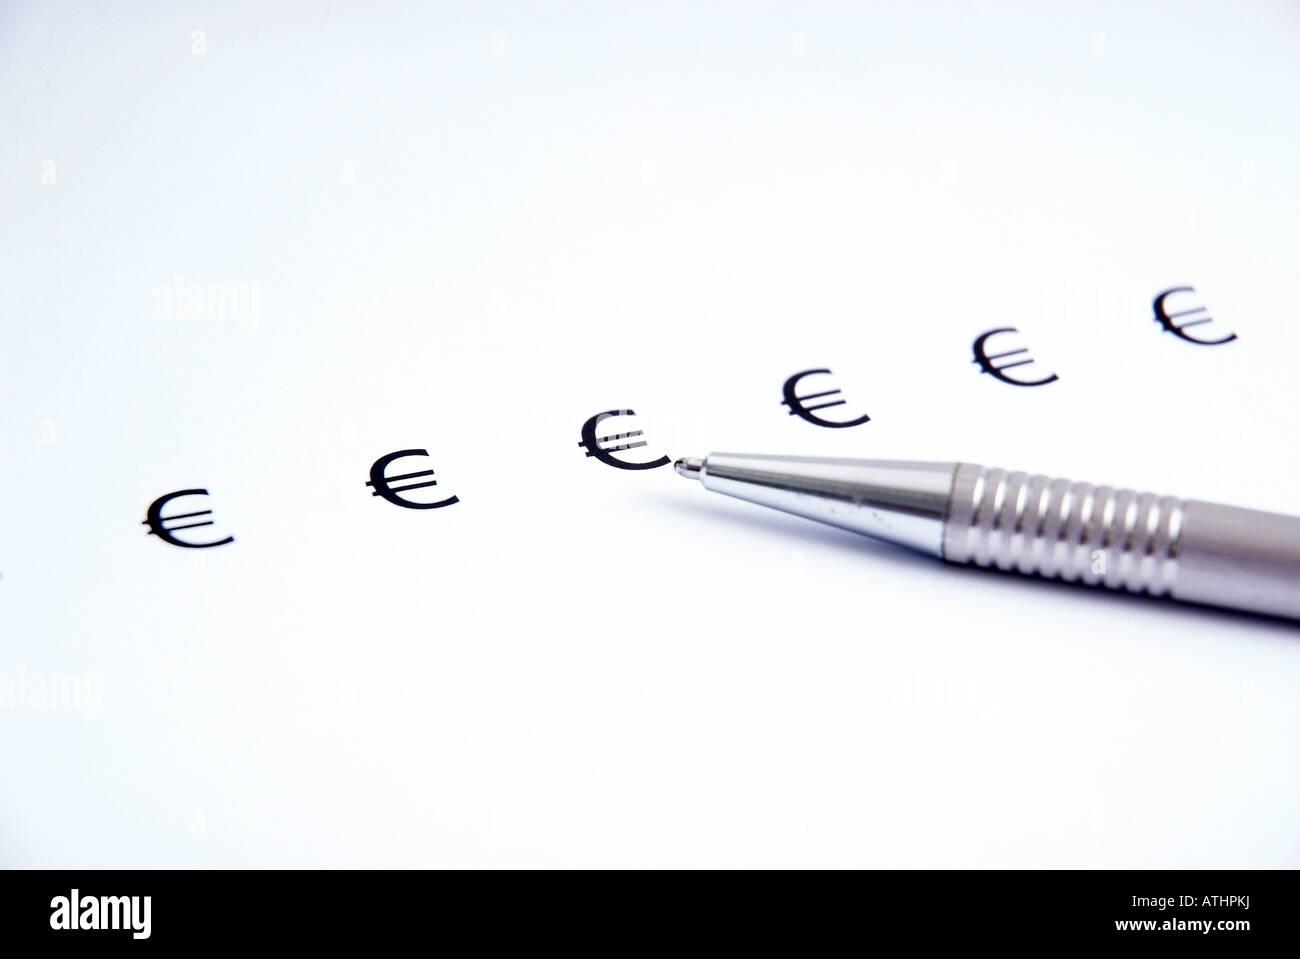 EURO € sign with pencil on white paper Eurozeichen auf weissem Papier mit Kugelschreiber - Stock Image